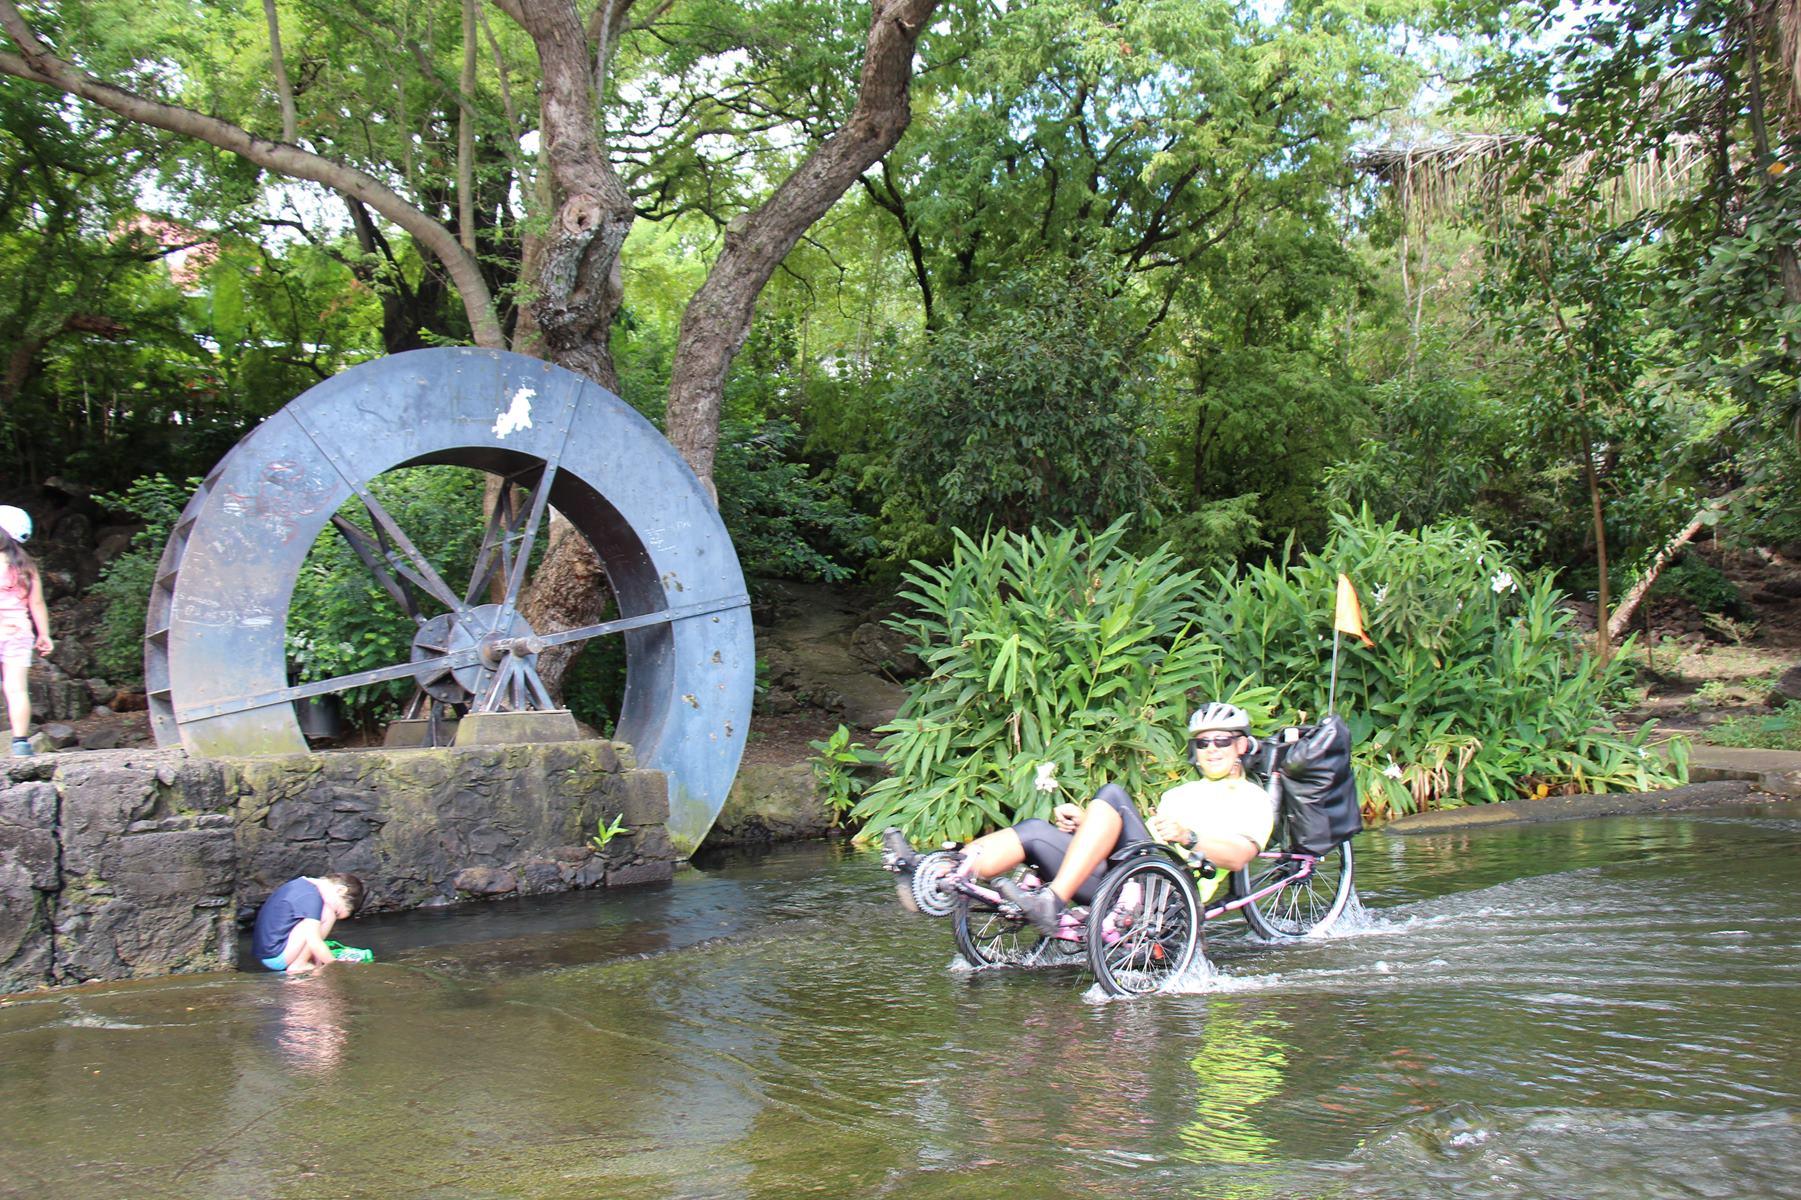 Activité physique, plaisir, bonheur avec le confort d'un vélo couché Ile de la Réunion Atmosphère Péi